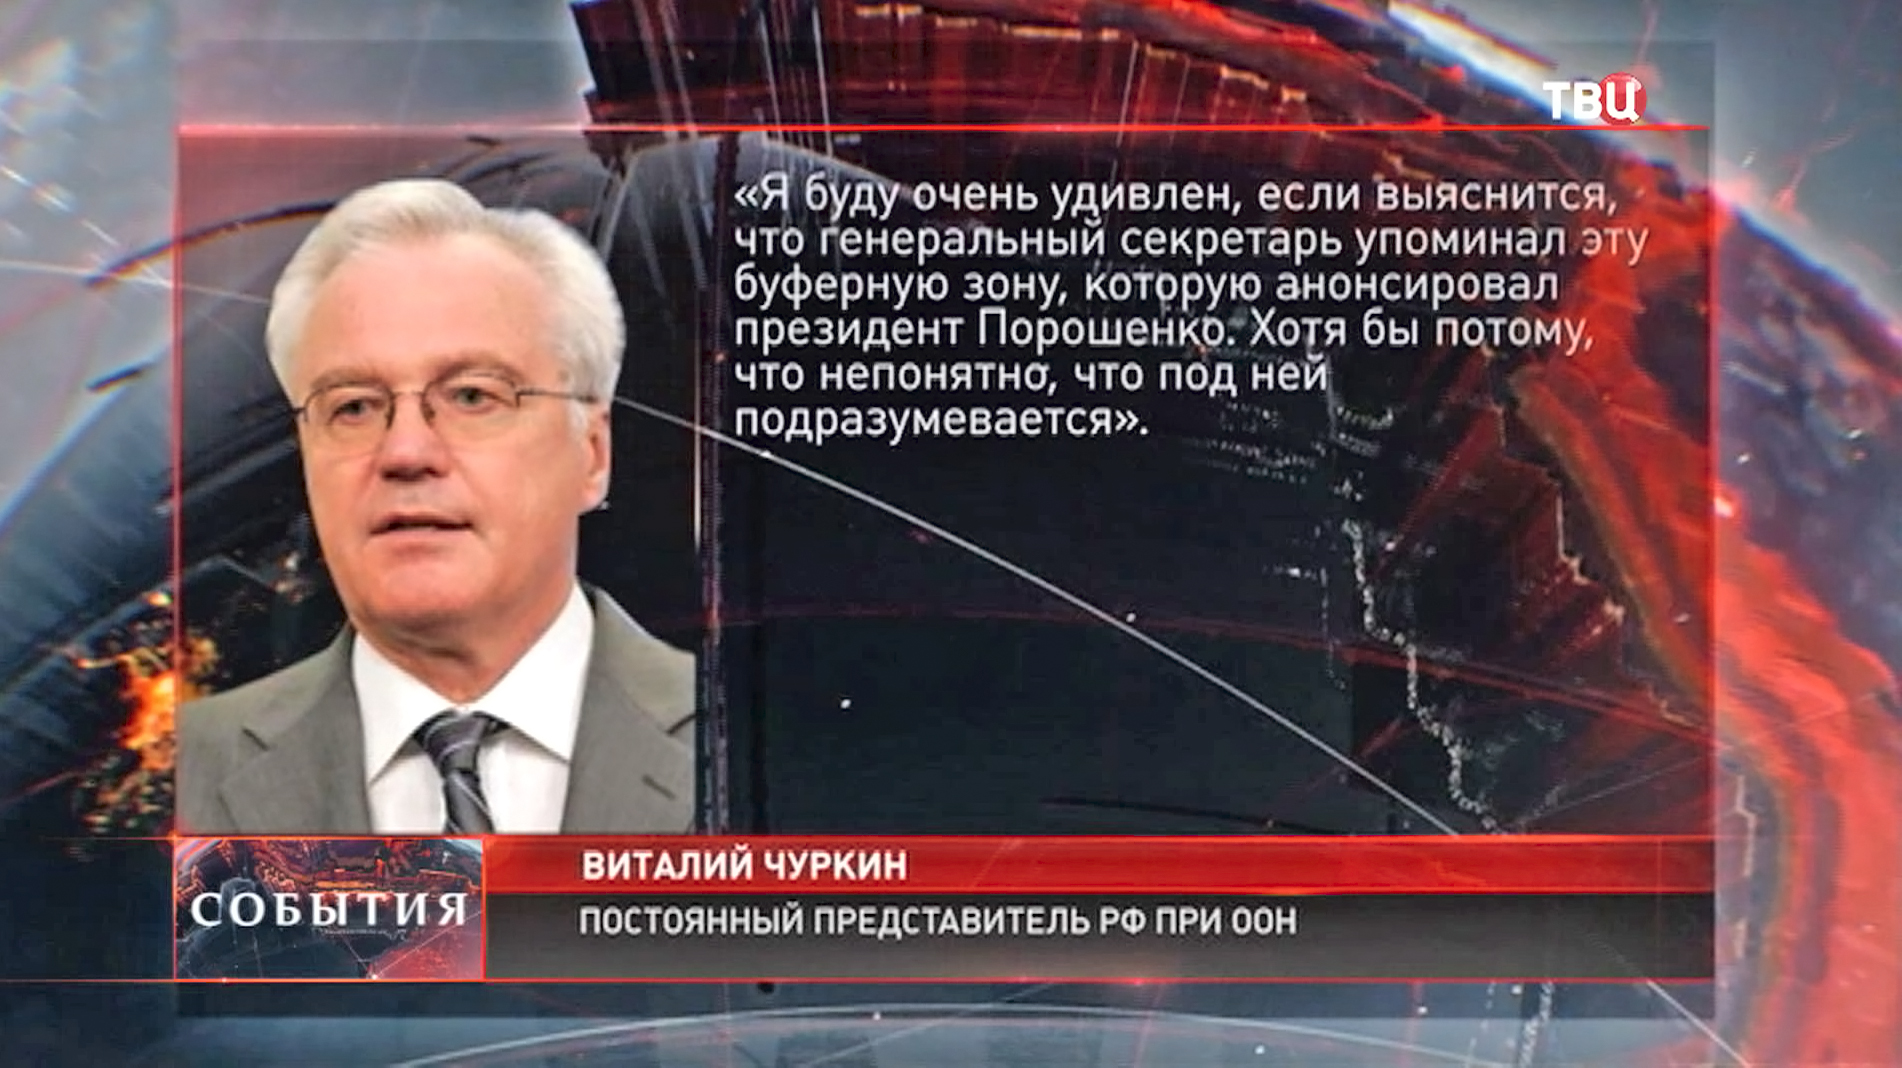 Постоянный представитель РФ при ООН Виталий Чуркин